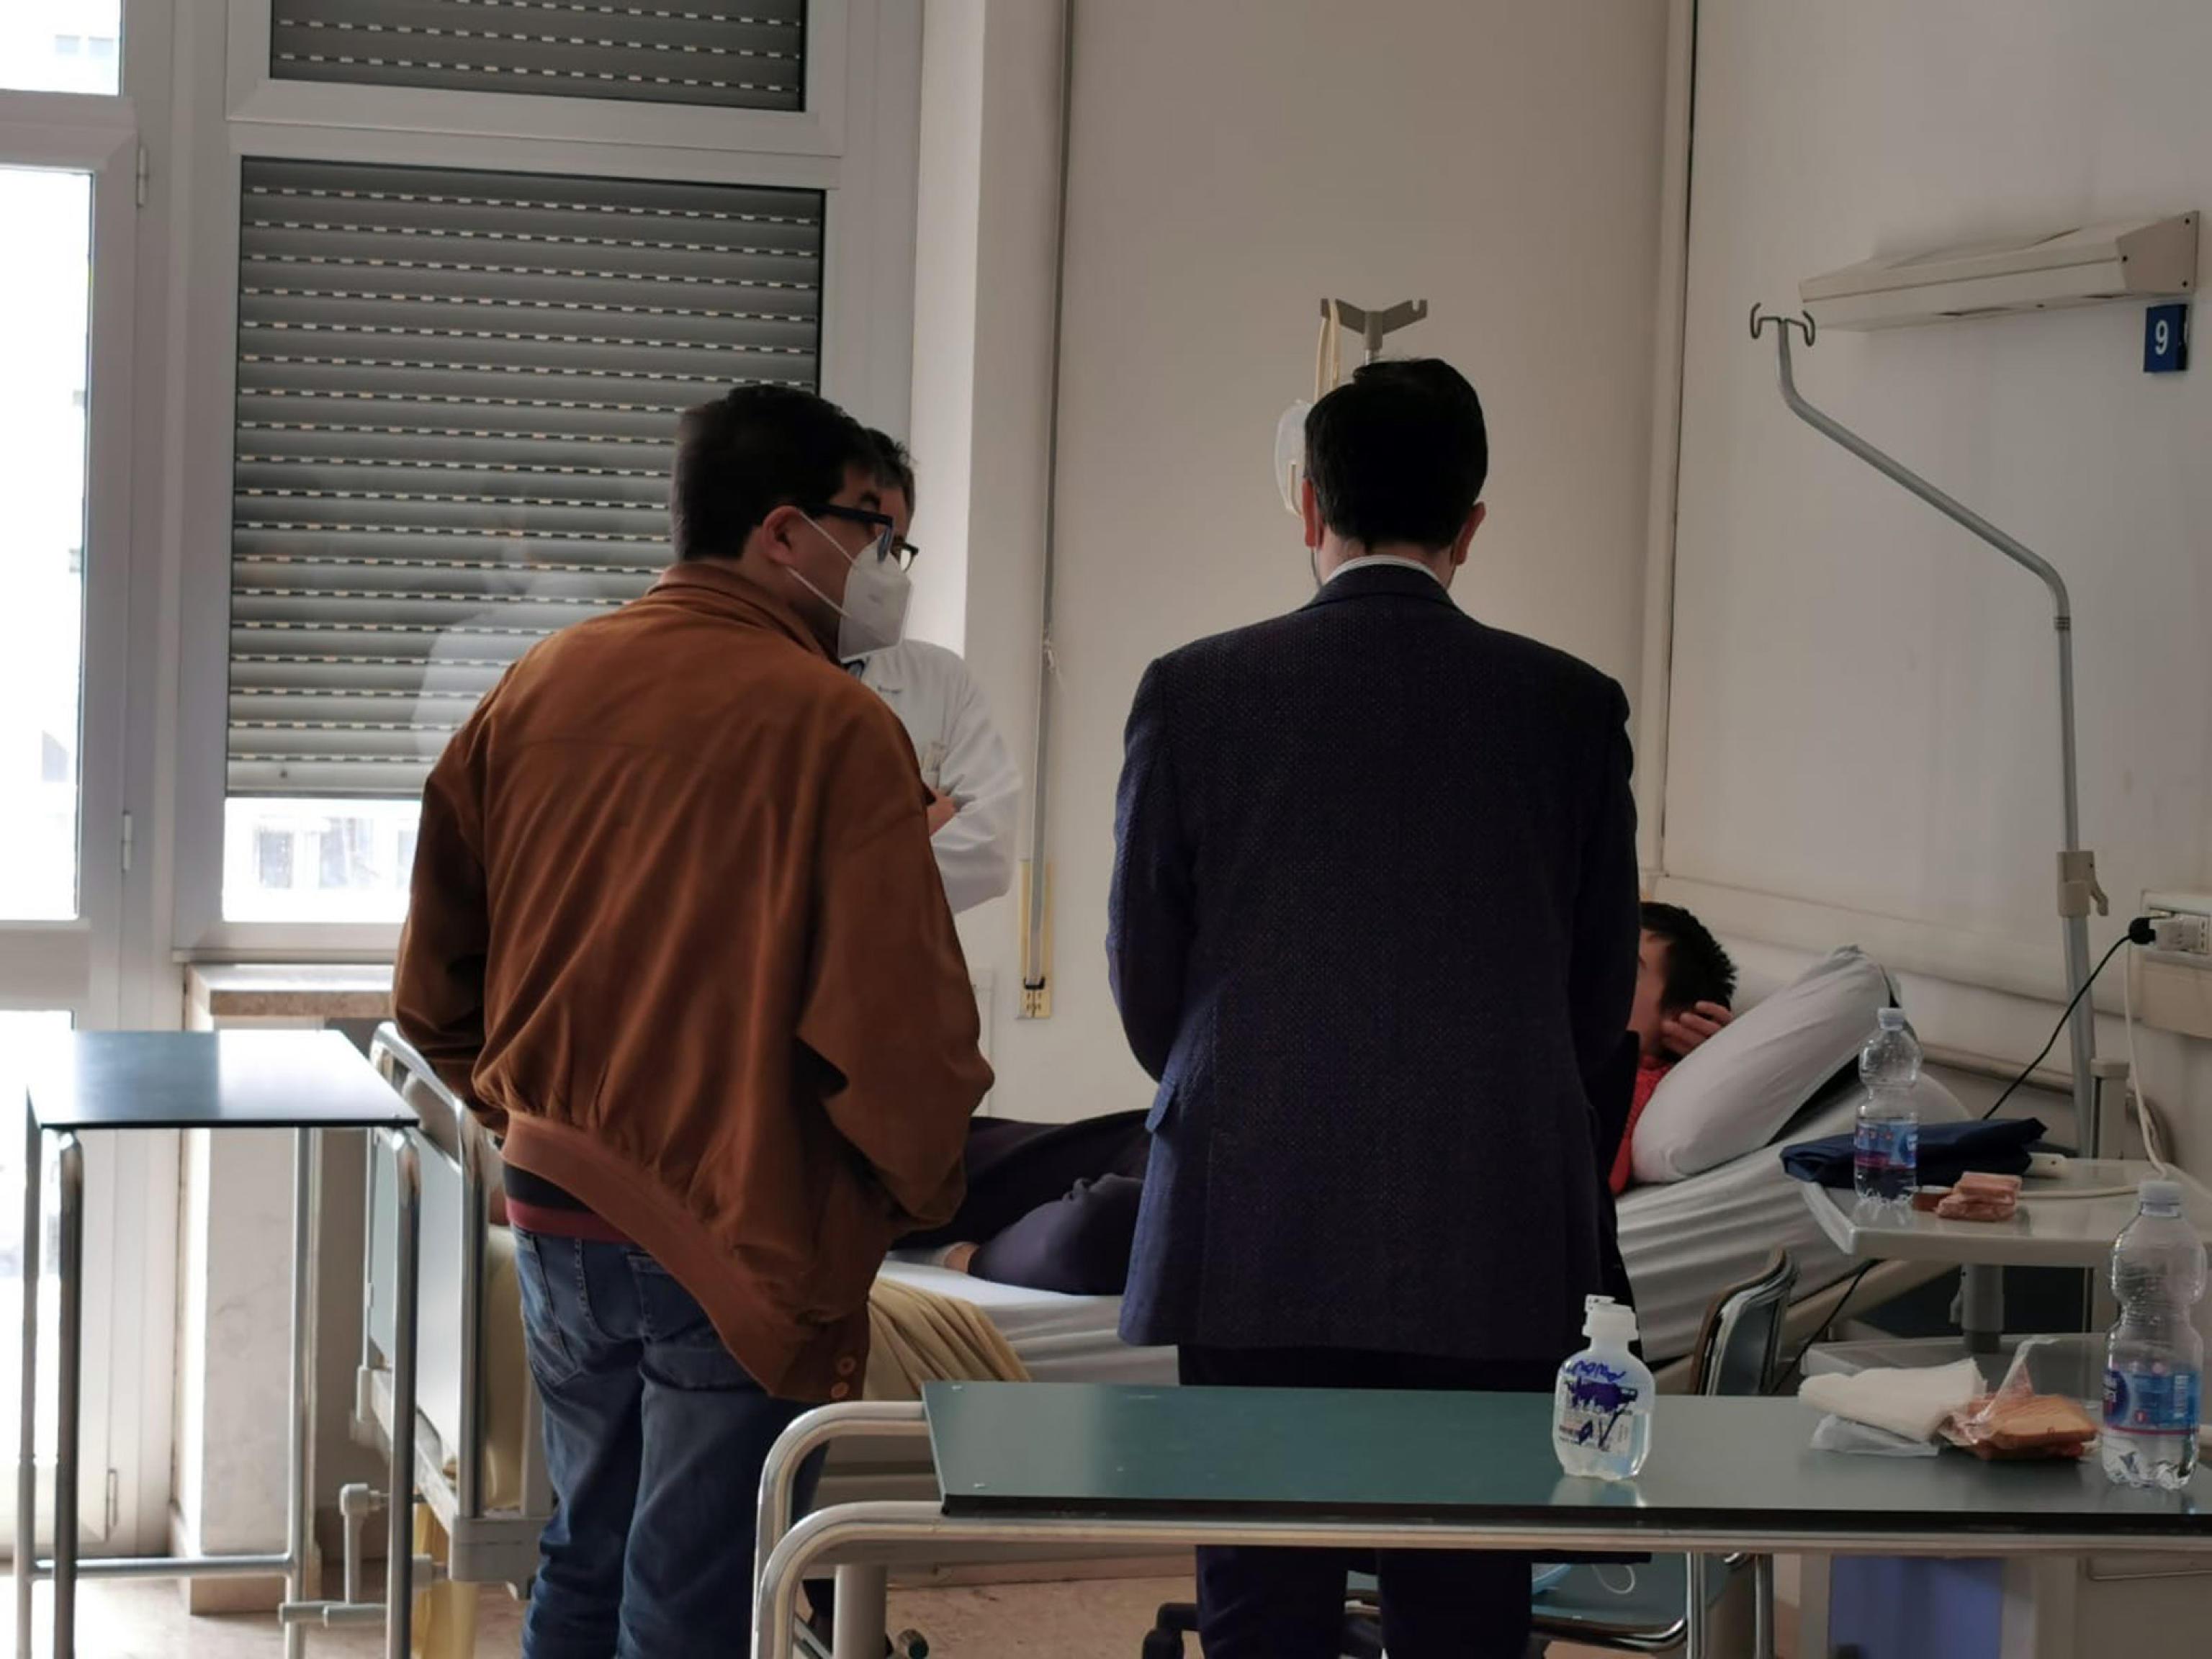 «Mi hanno aggredito per vendetta»: il racconto del giovane picchiato a Colleferro, sette mesi dopo l'uccisione di Willy